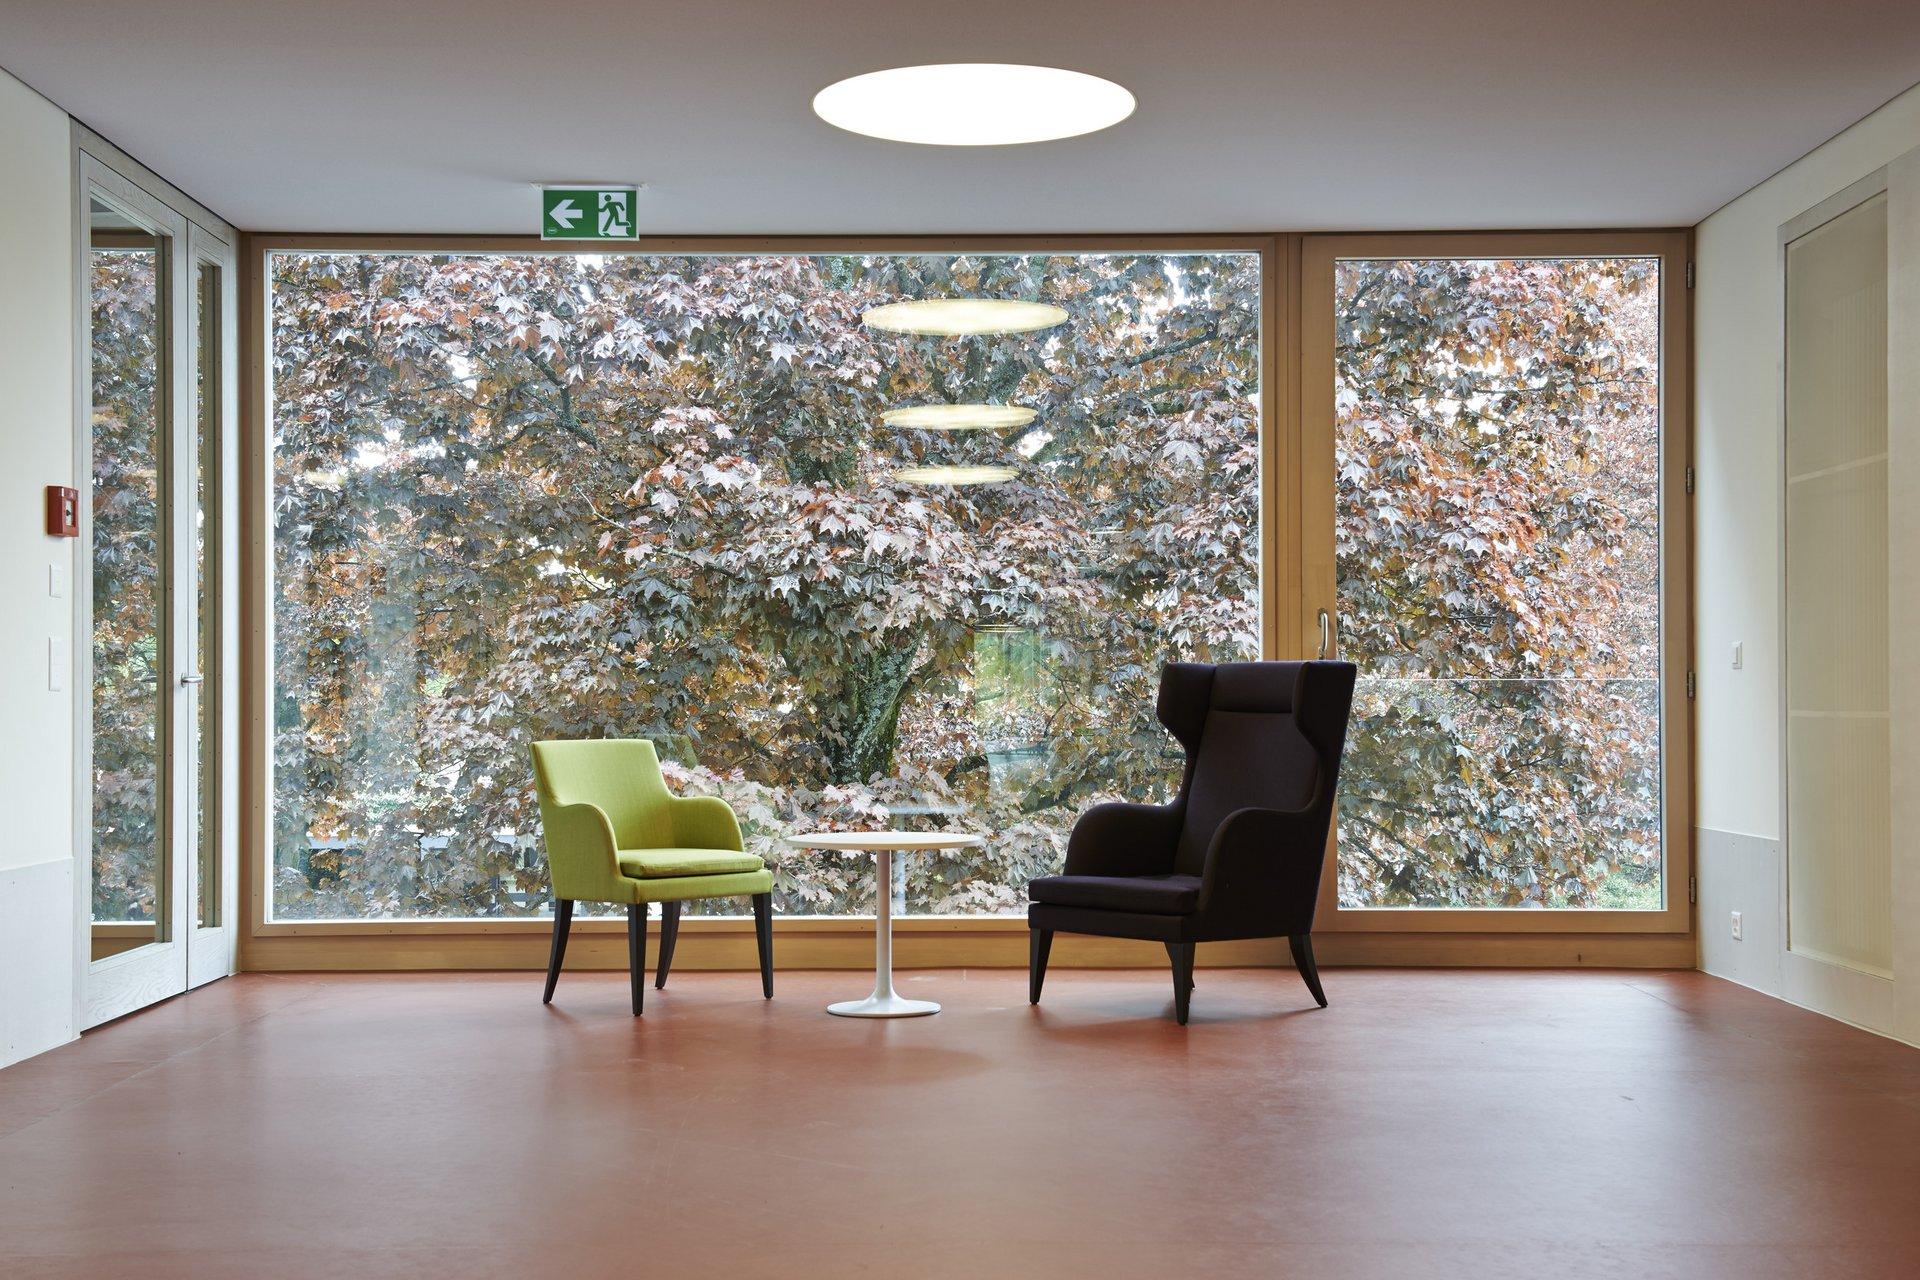 Wandgrosses Einflügelfensterelement mit nebenstehender Tür mit Glasfläche